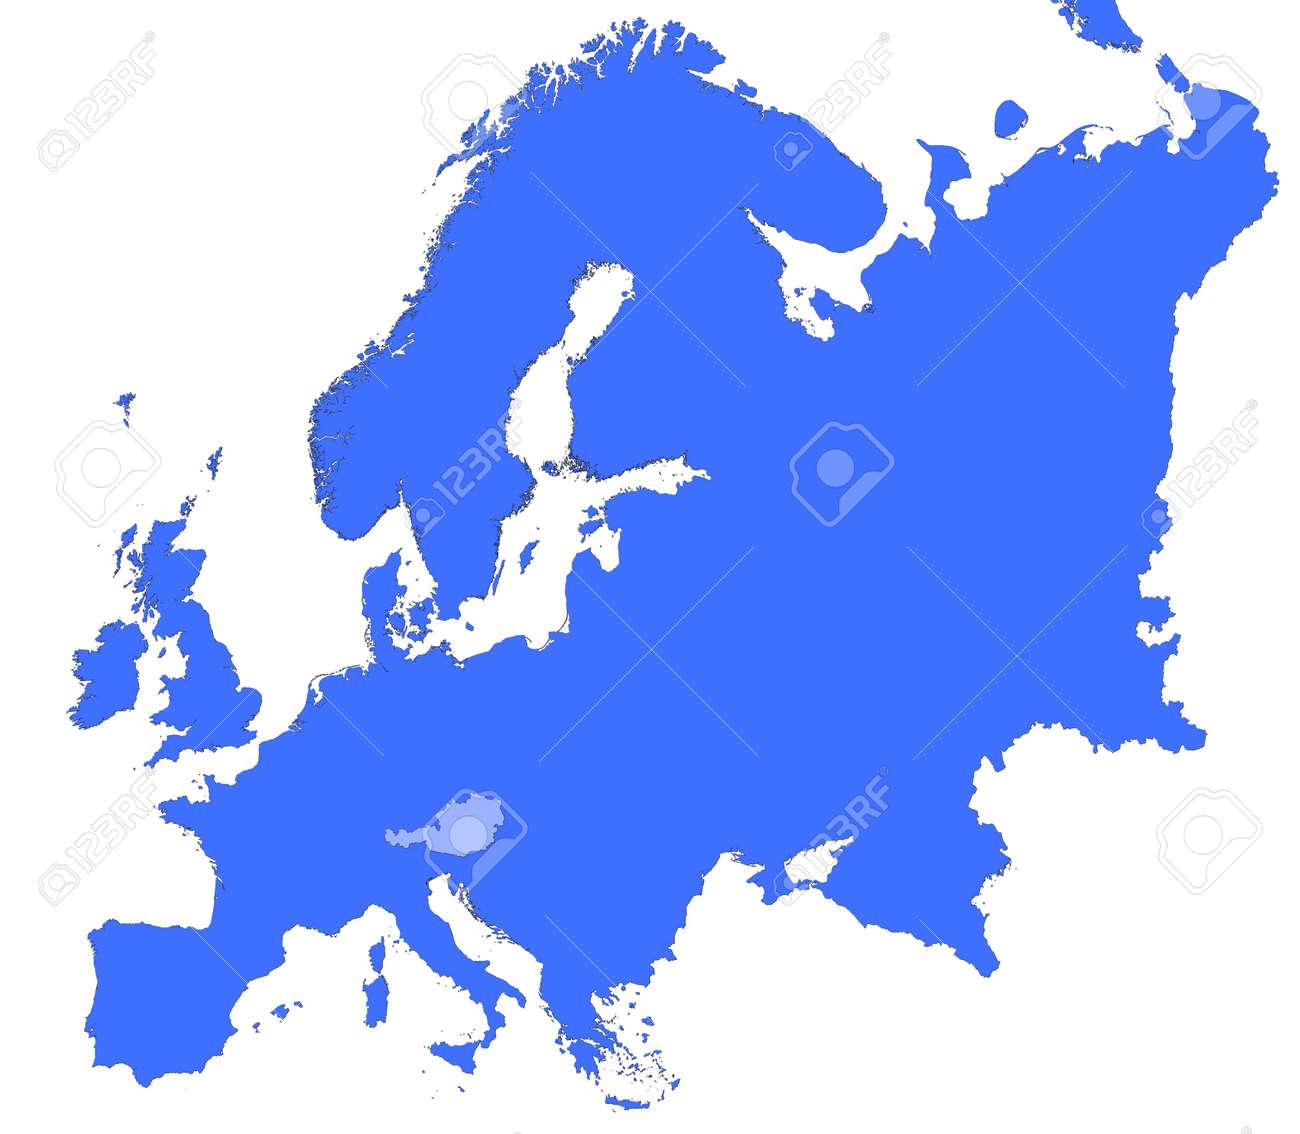 Austria Location In Europe Map Mercator Projection Stock Photo - Austria location in europe